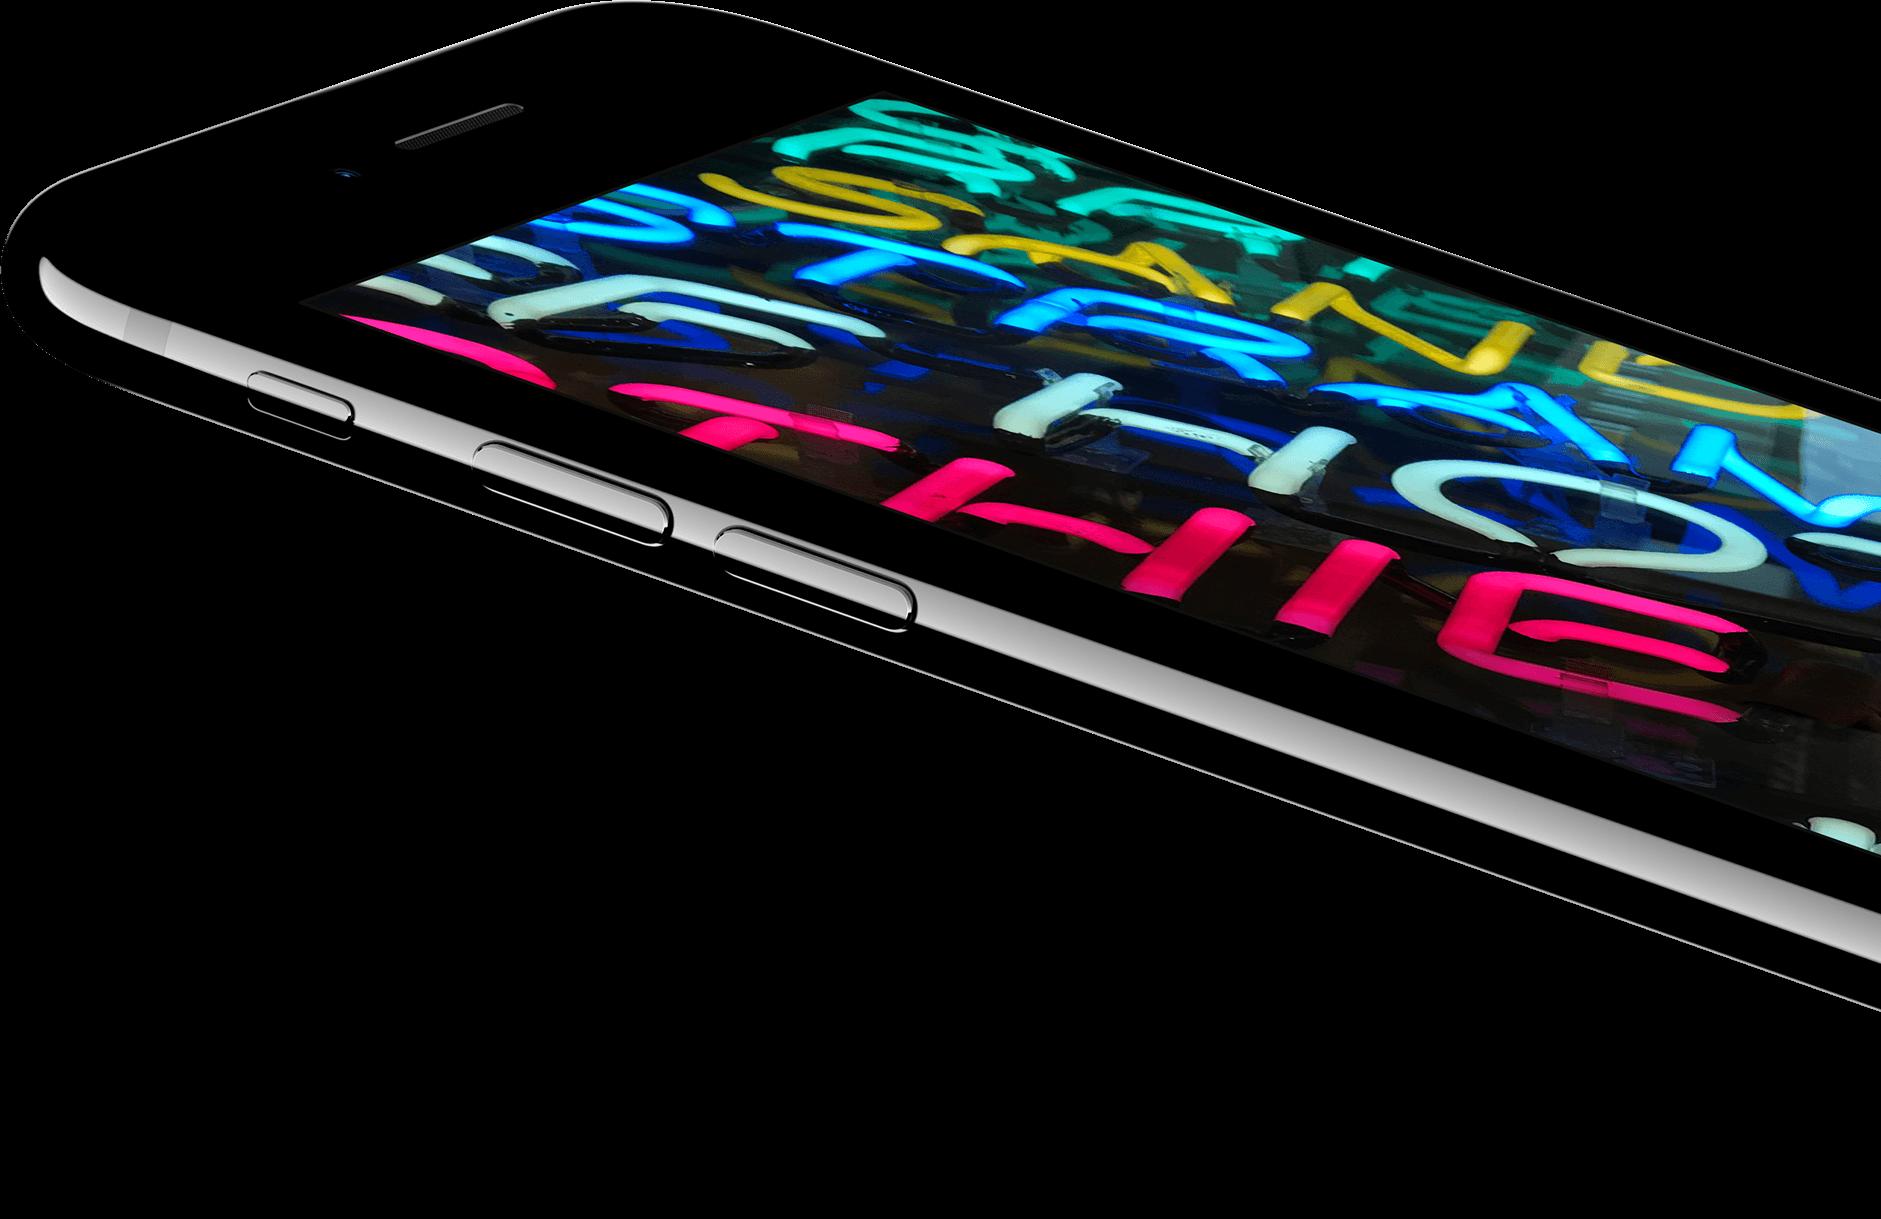 Das hellste iPhone Display. Mit noch mehr Farben.